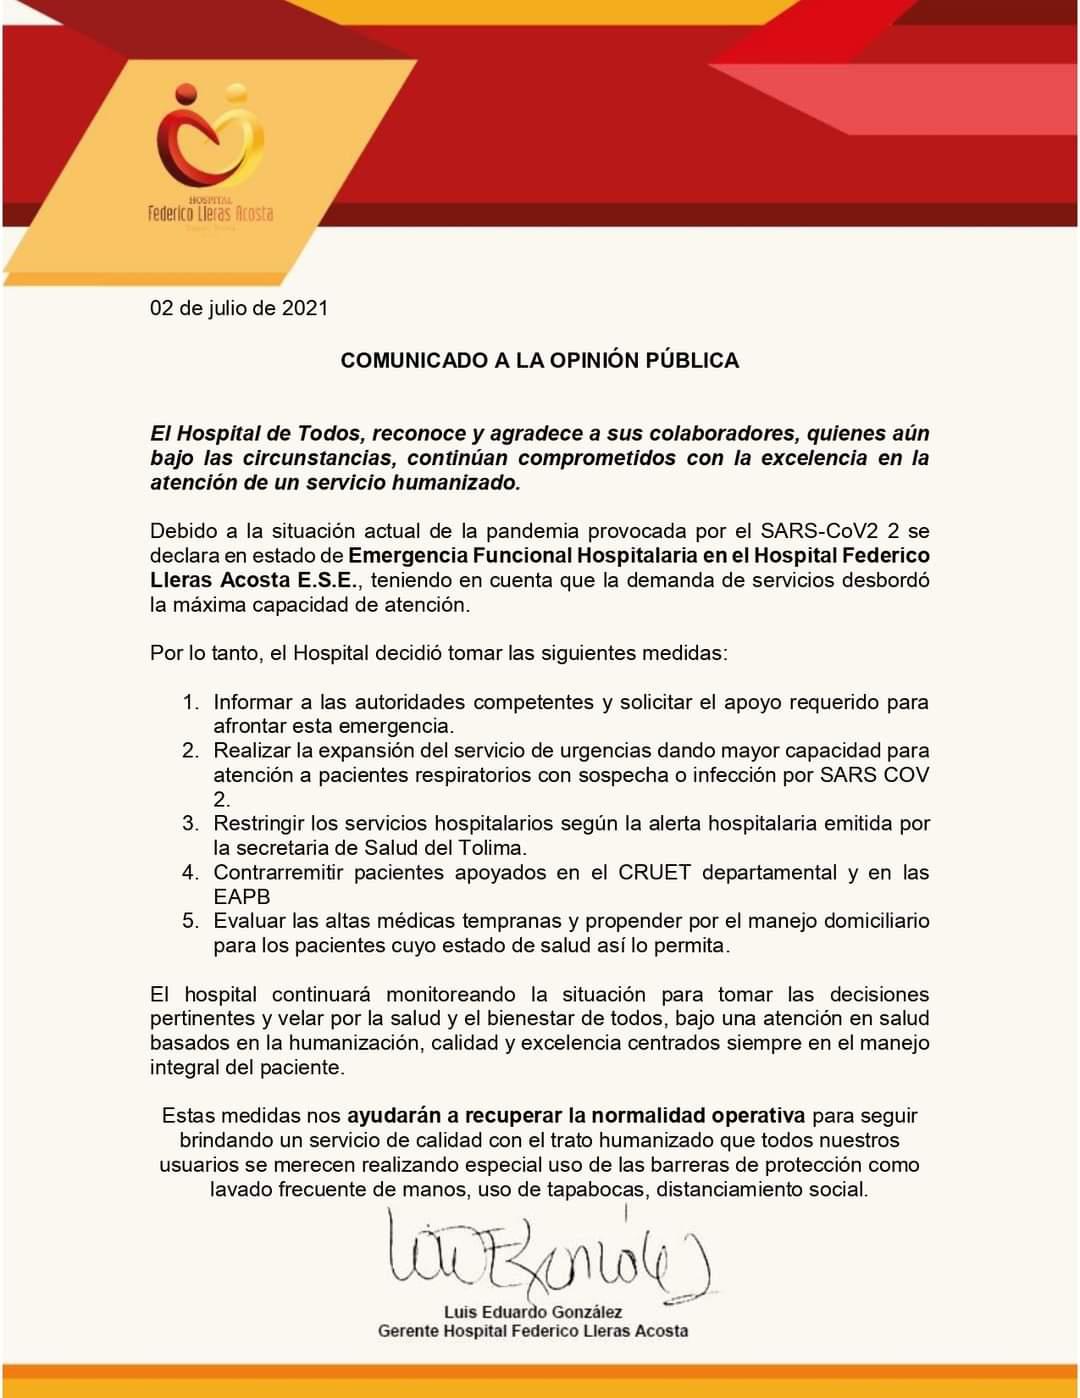 Declaran 'emergencia funcional' en el hospital Federico Lleras Acosta